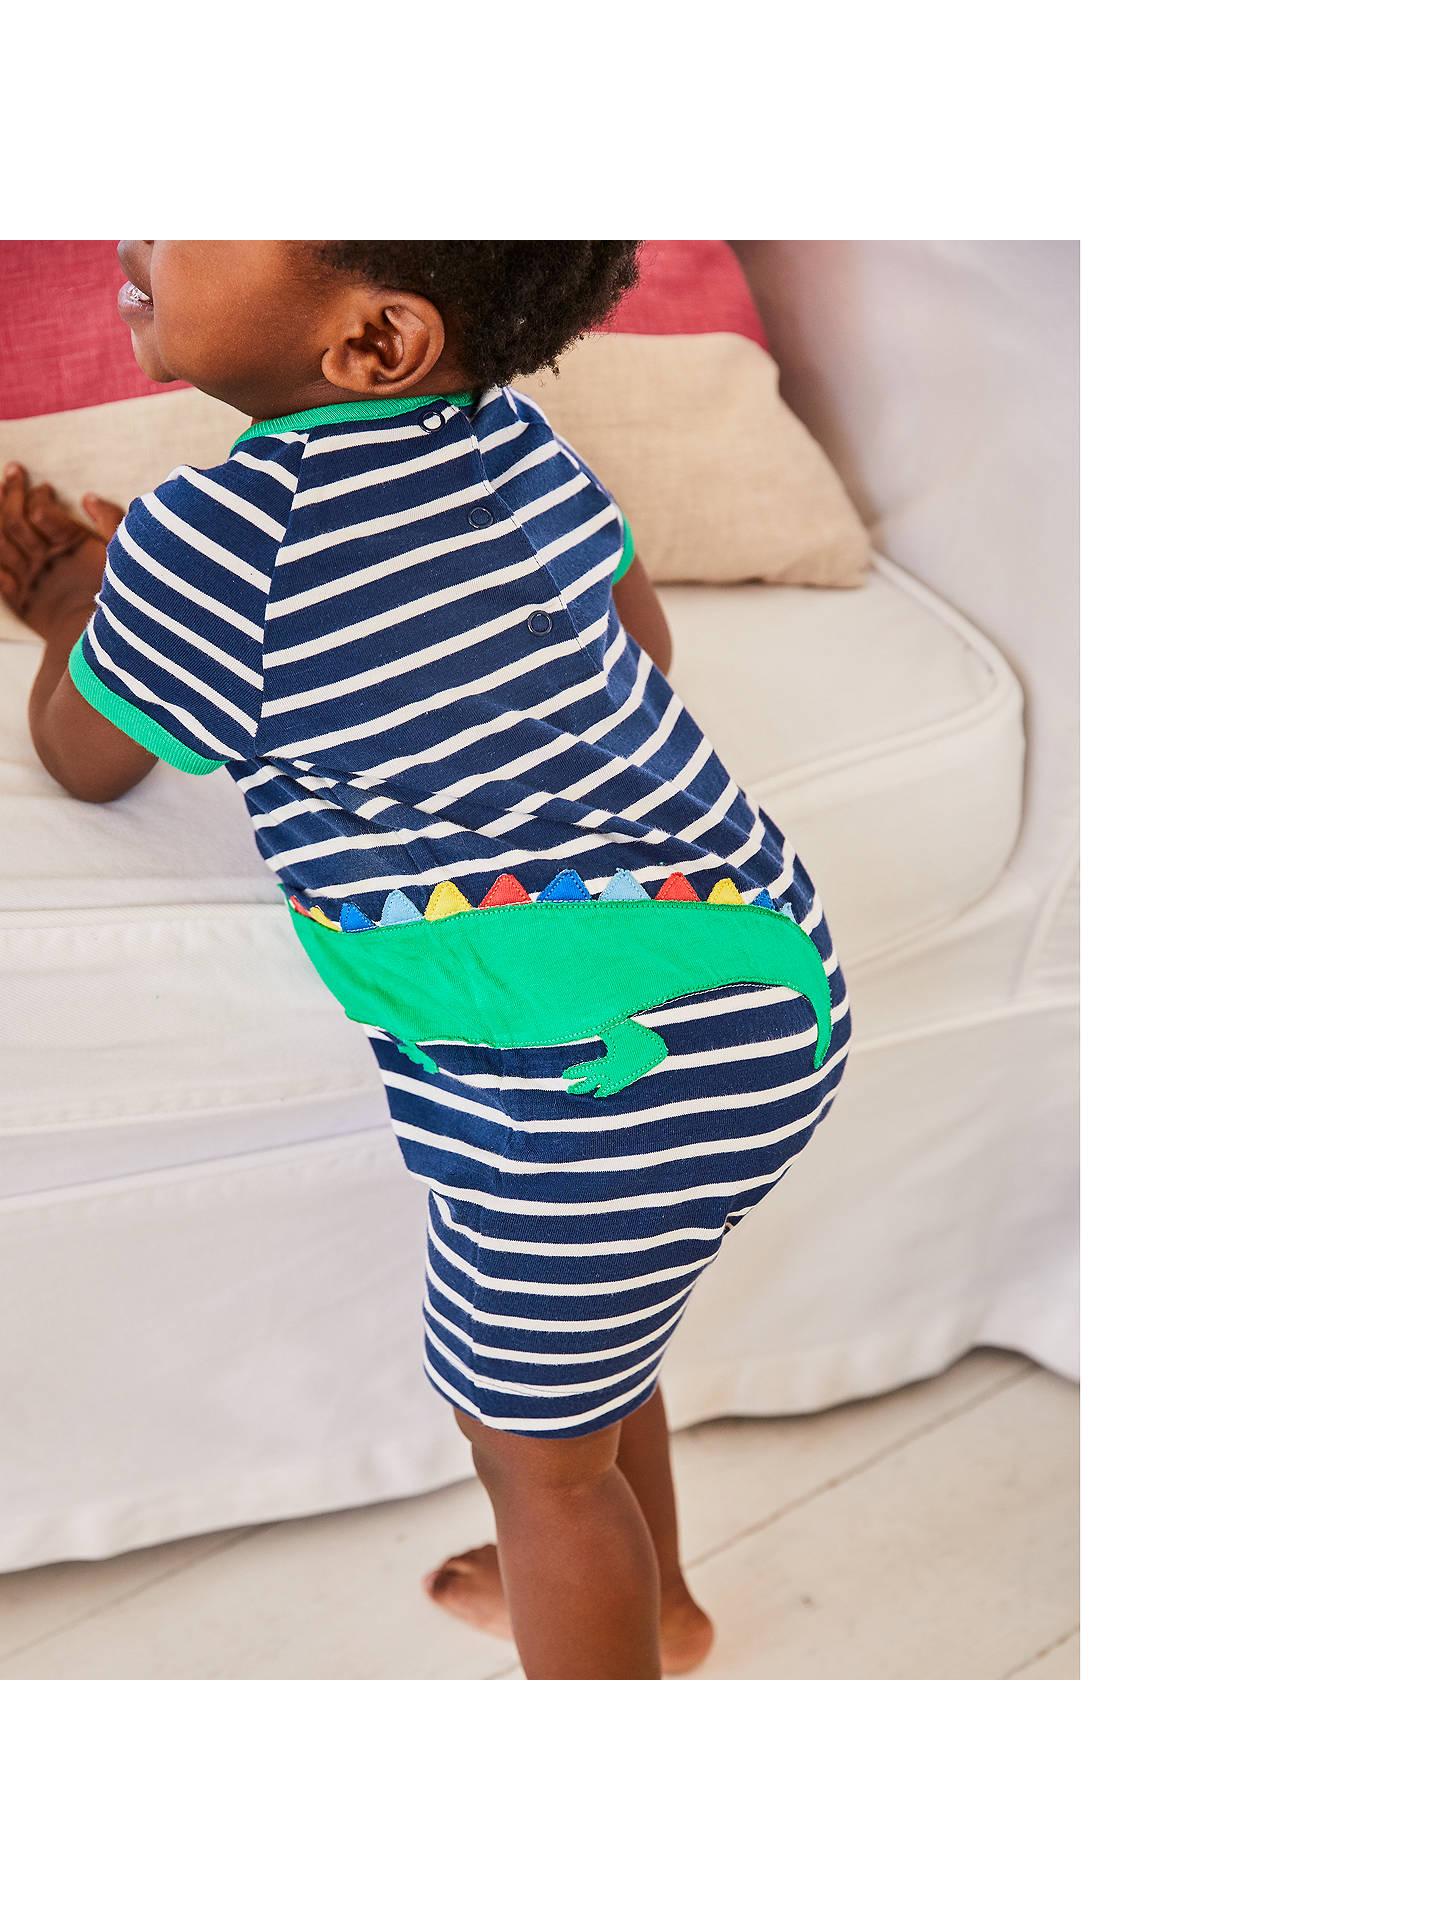 f8954fa0ea3c ... Buy Mini Boden Baby Stripe Croc Applique Romper